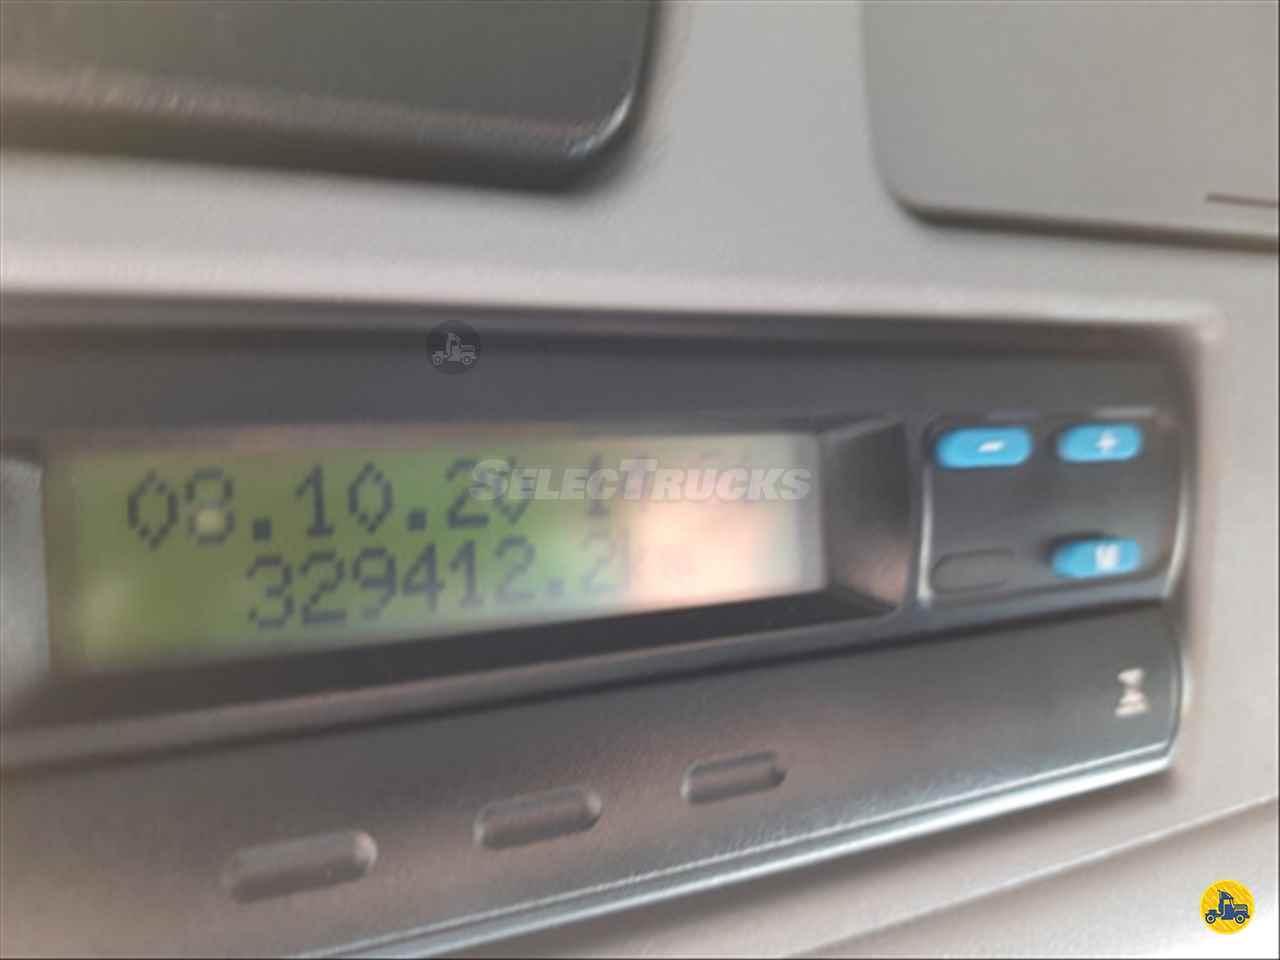 MERCEDES-BENZ MB 2546 340000km 2016/2016 SelecTrucks - Mauá SP - Matriz